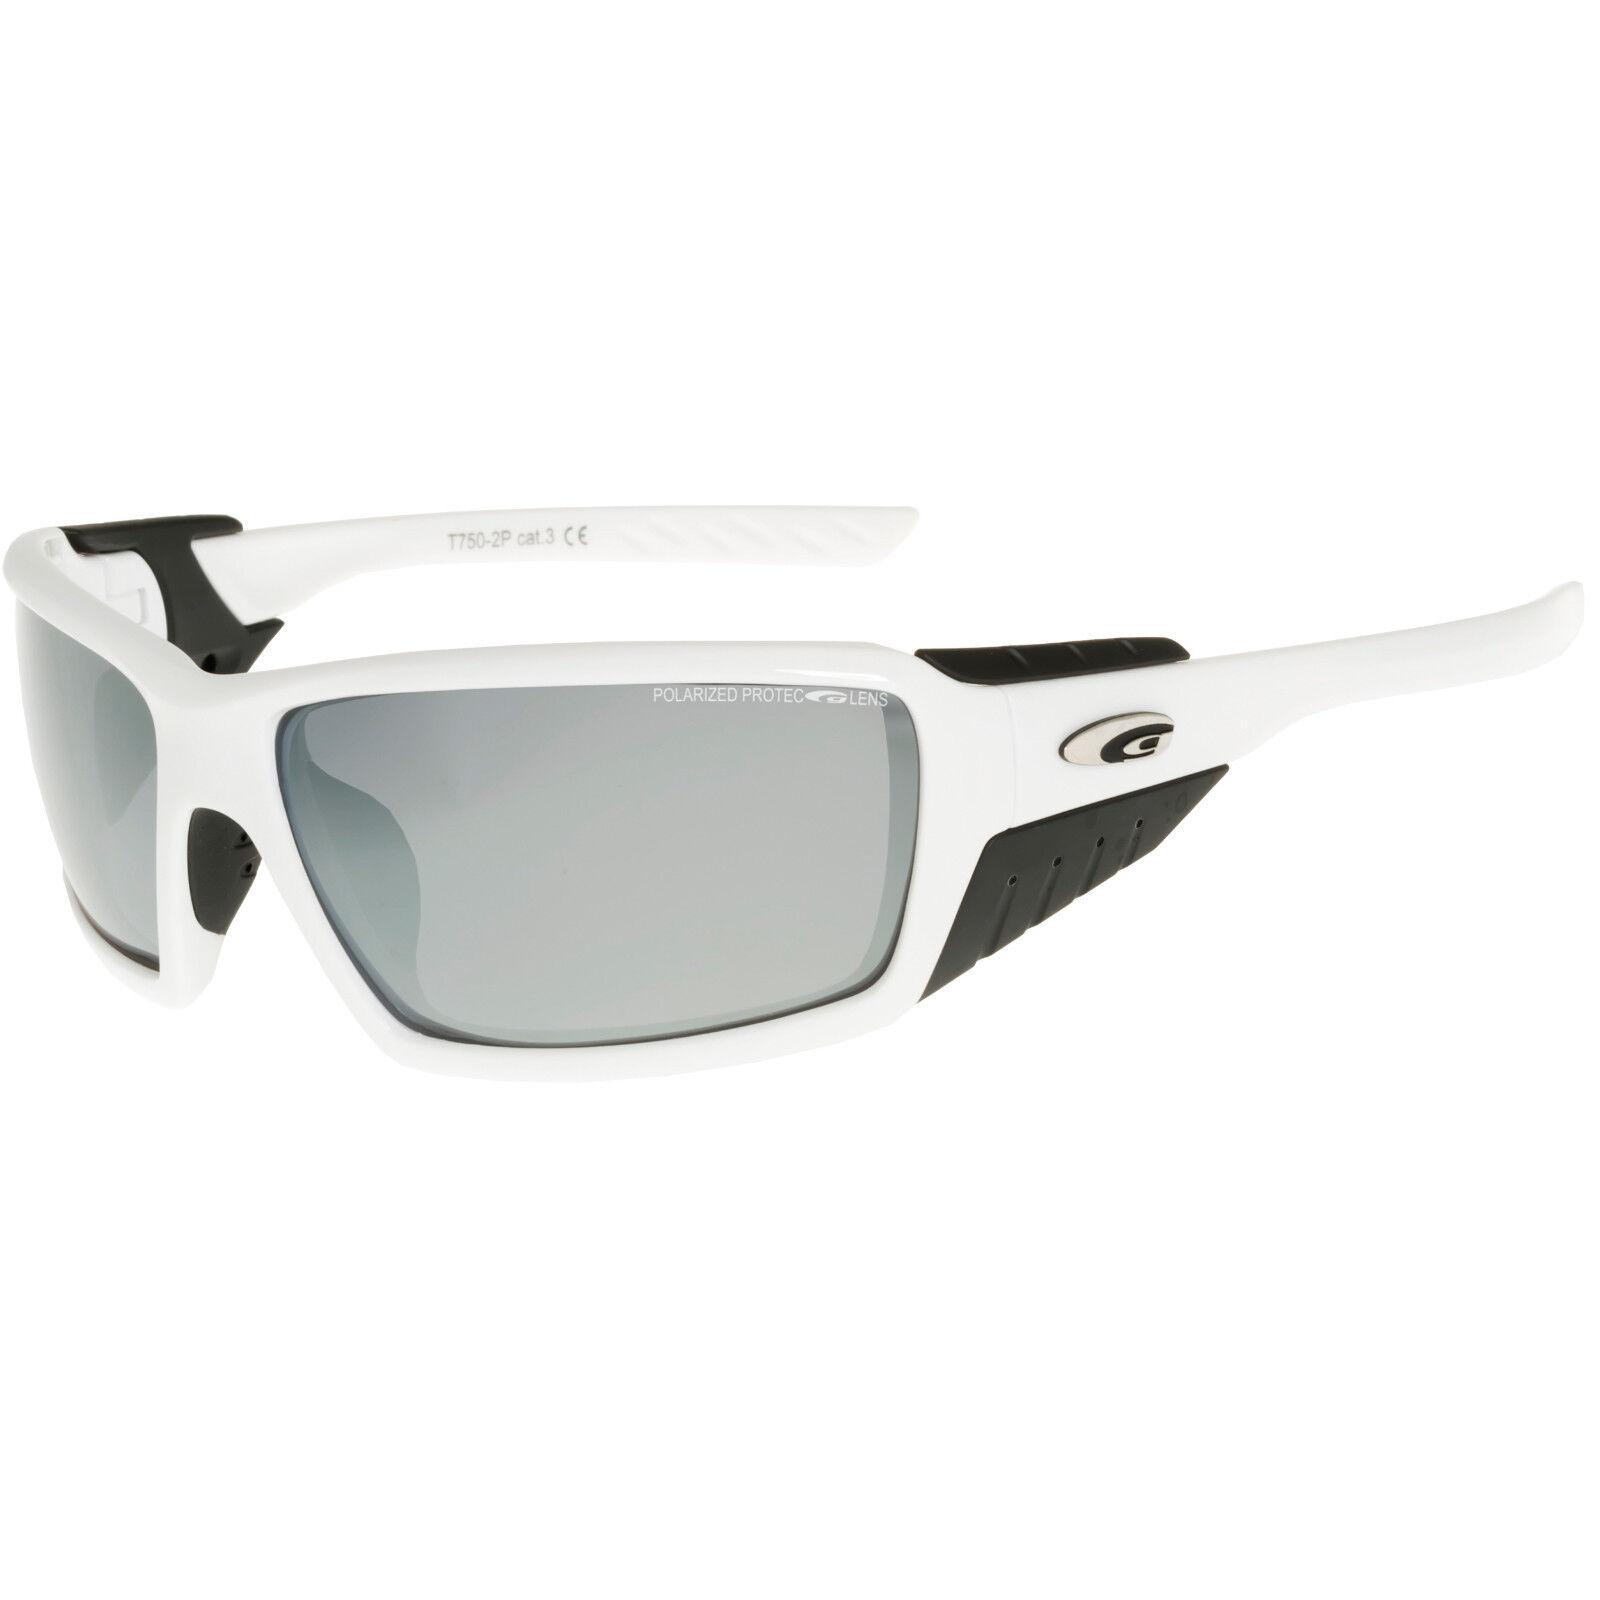 Sonnenbrille Wandern Trekking Sportbrille Skibrille mit seitlichem Blendeschutz Blendeschutz Blendeschutz b25c2b